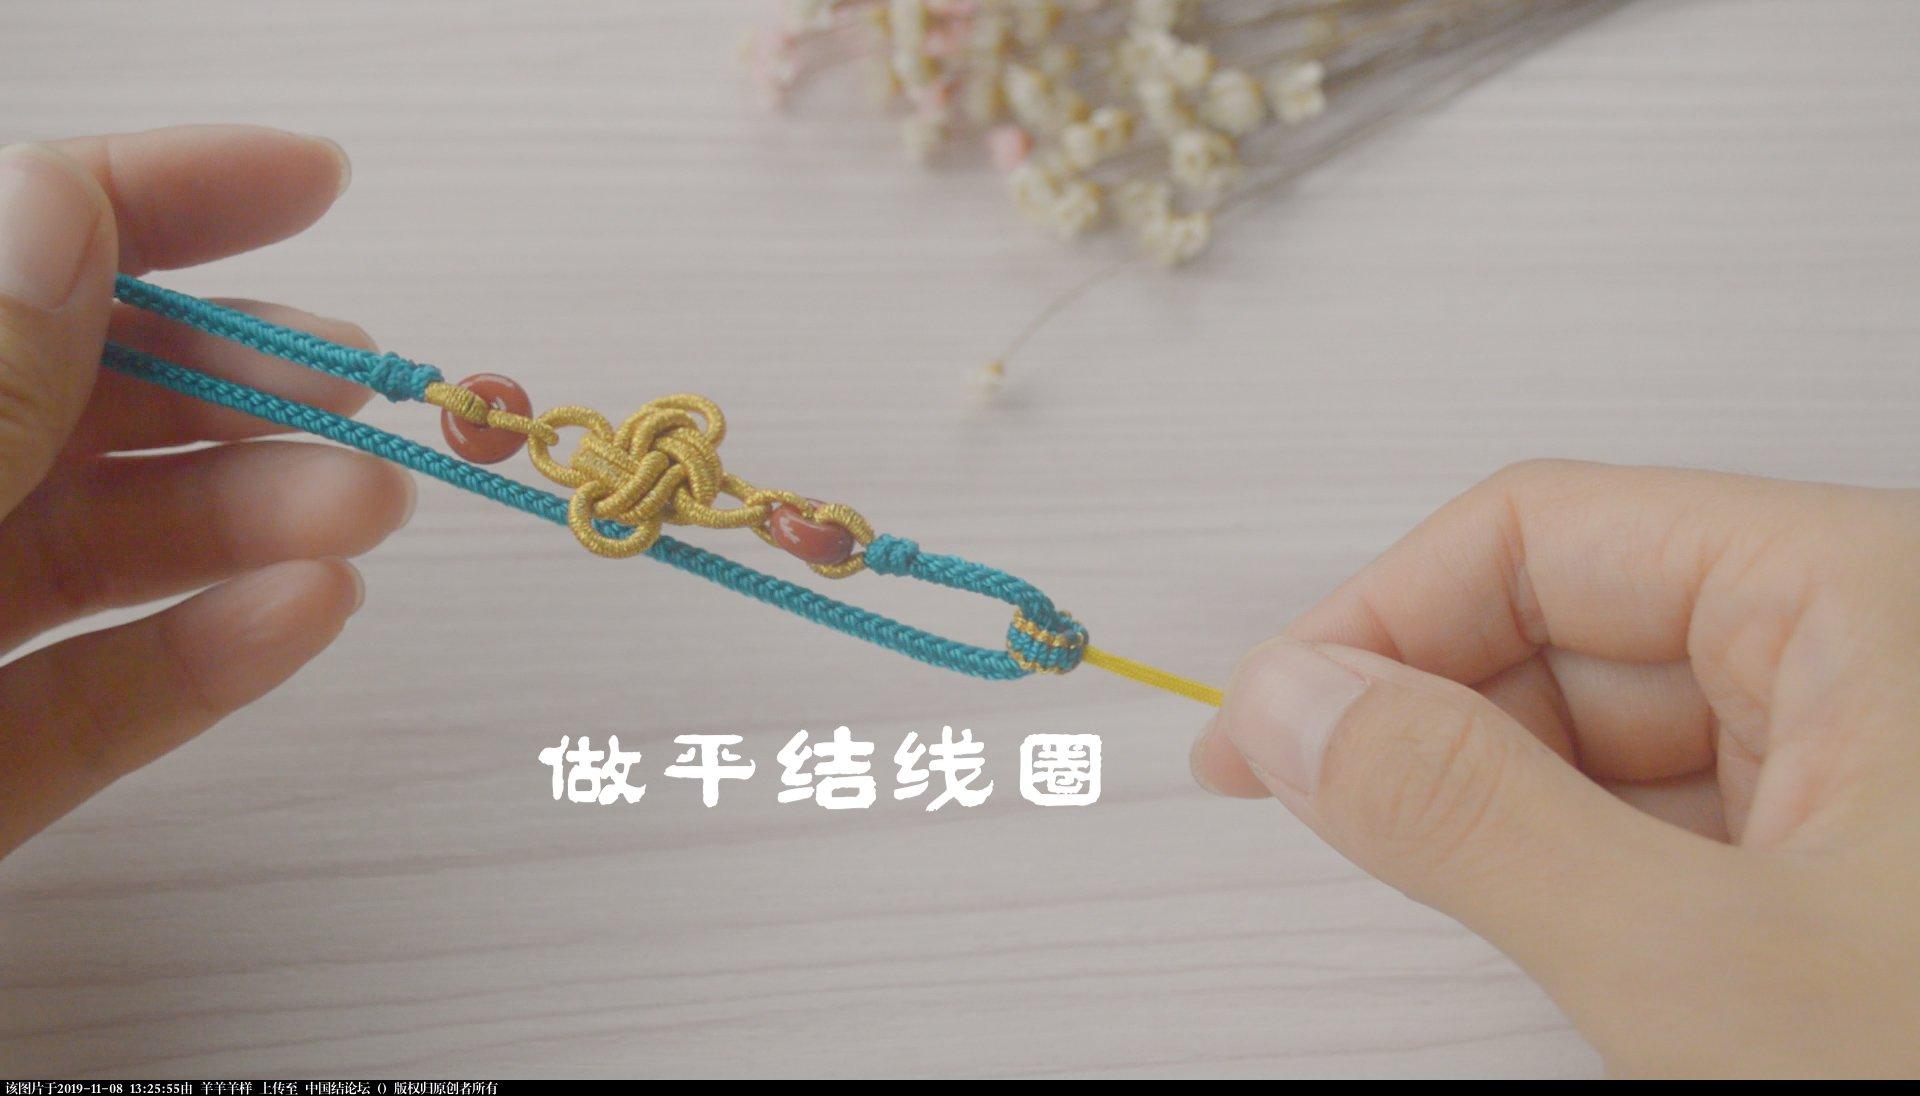 中国结论坛 冰花结只会用来做挂件?试试做一款属于自己的毛衣链,附视频教程  图文教程区 131857erym6fhja6axnhhf